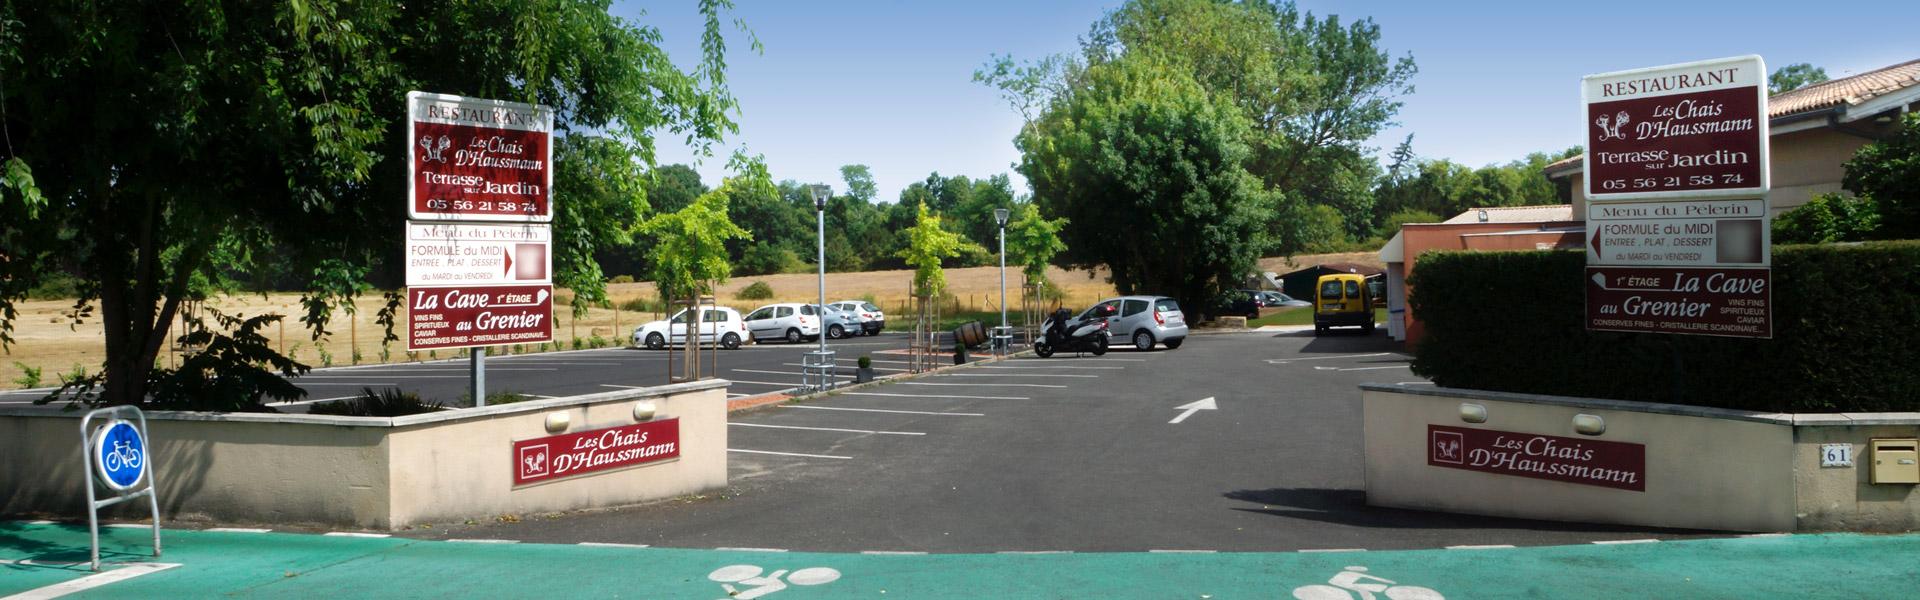 Chais-Parking